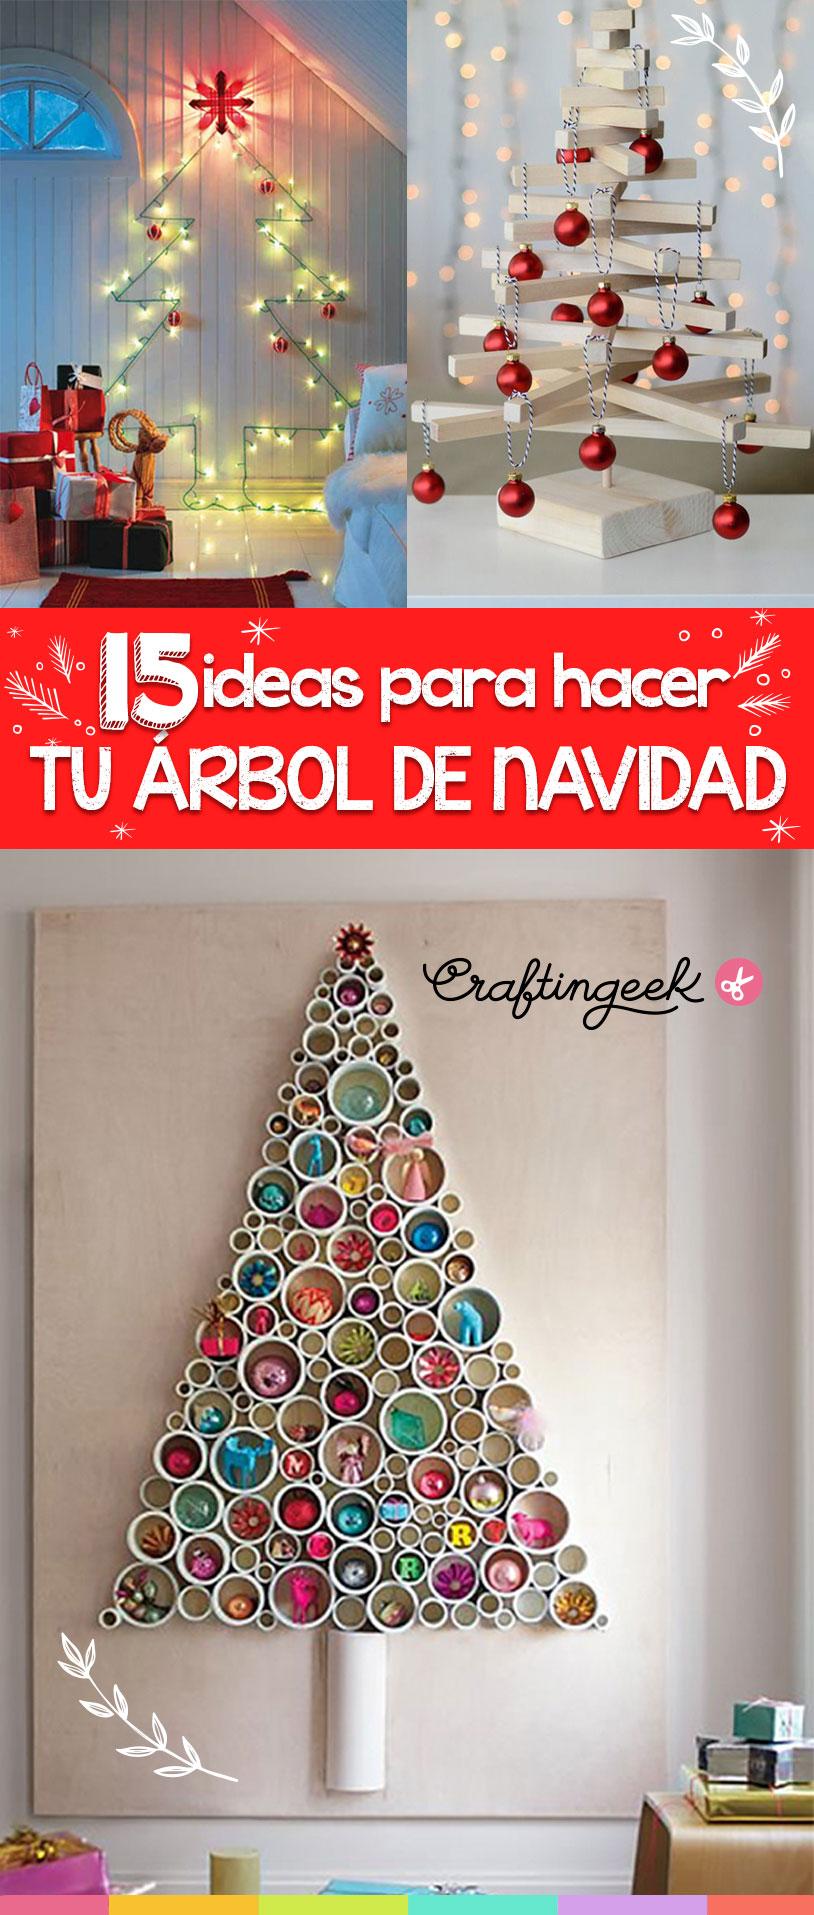 15 ideas para hacer tu propio rbol de navidad craftingeek for Cosas para hacer de navidad faciles